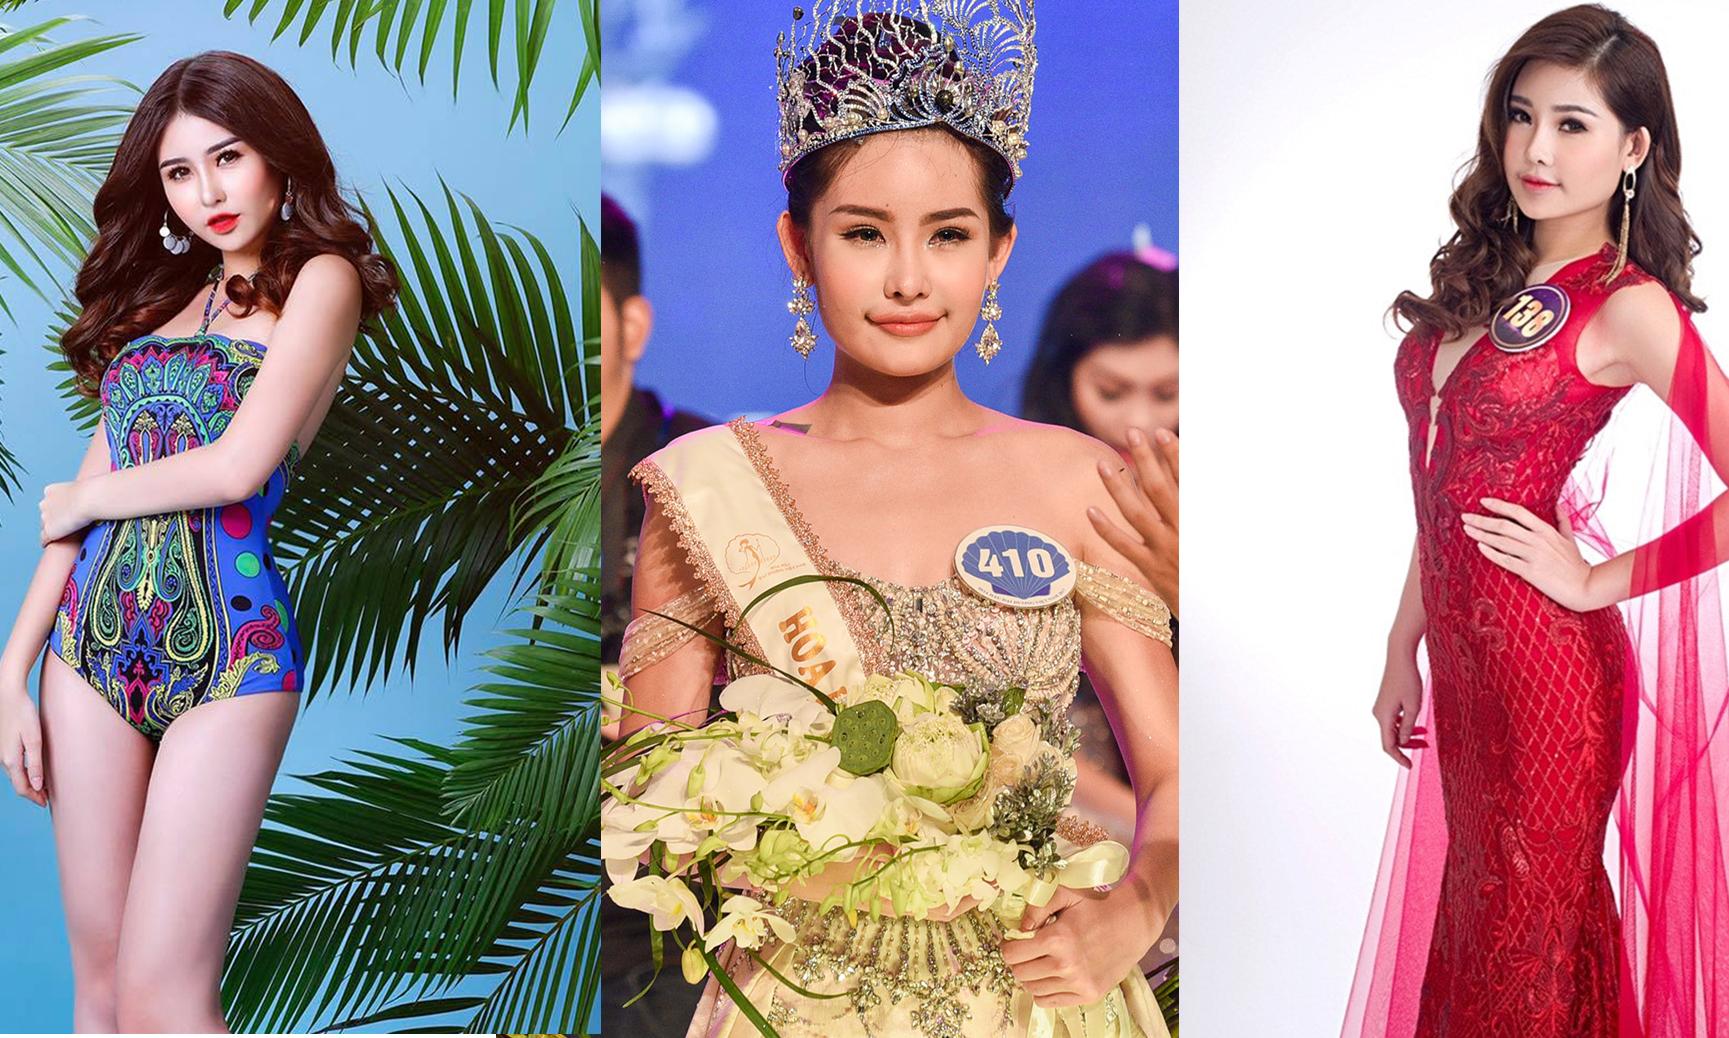 Đâu là nhan sắc thật tân Hoa hậu Đại Dương – Lê Âu Ngân Anh